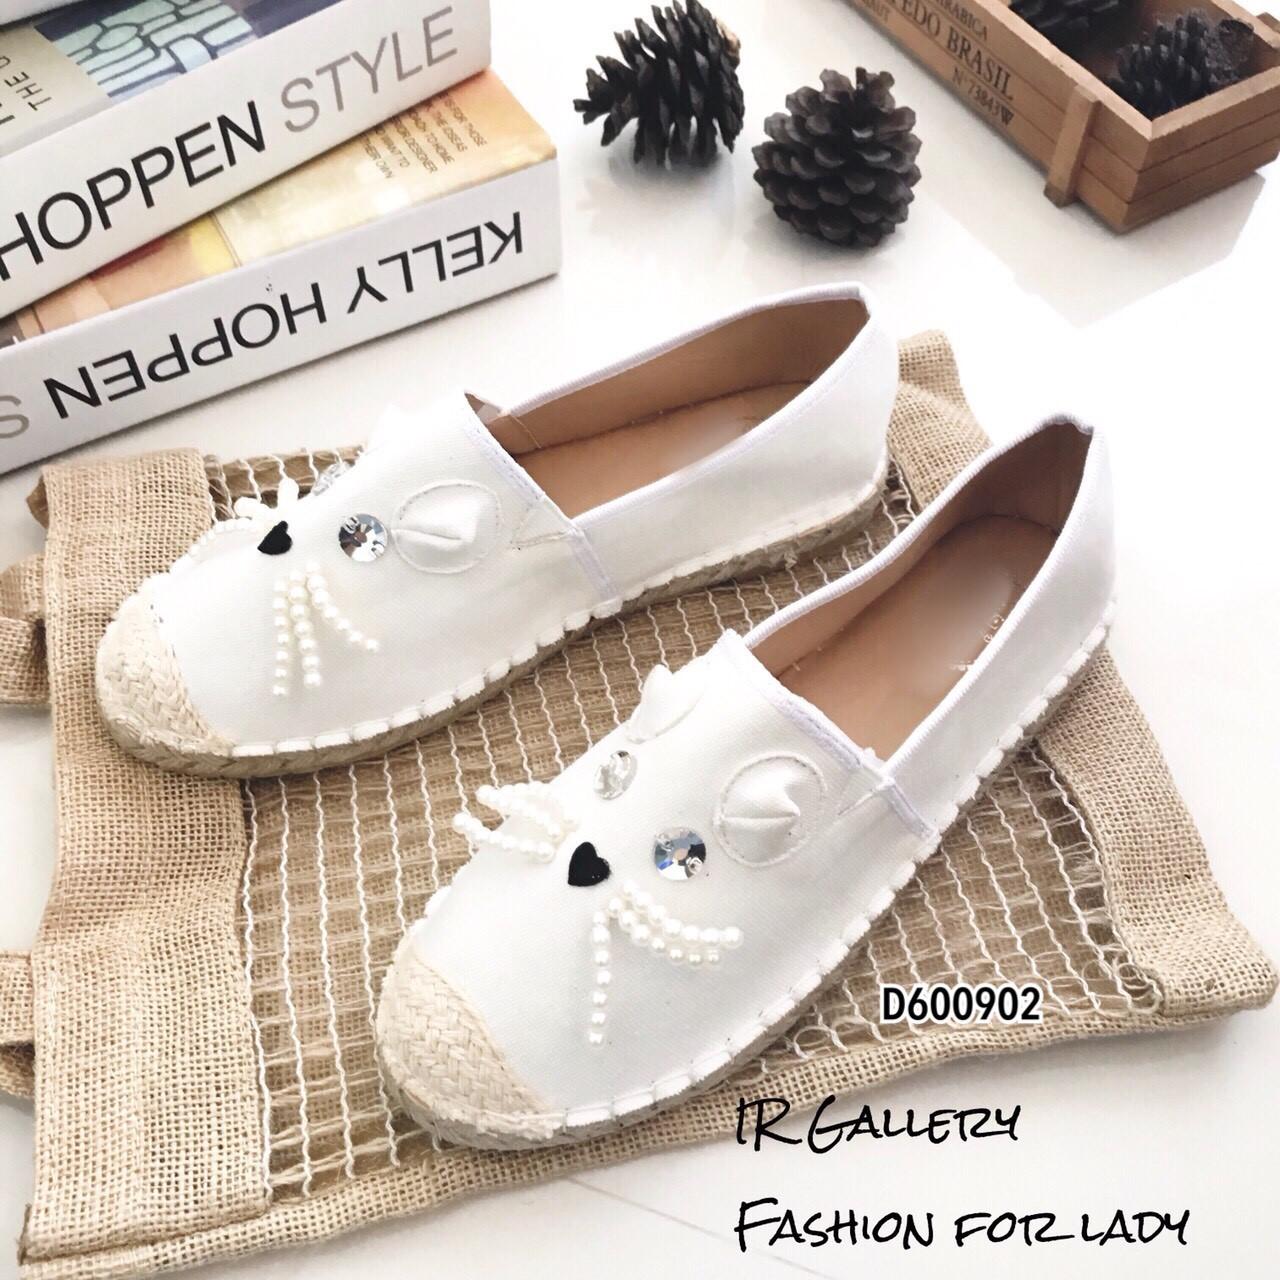 รองเท้าทรงสวมปักหน้าแมว (สีขาวผ้ากระสอบ)